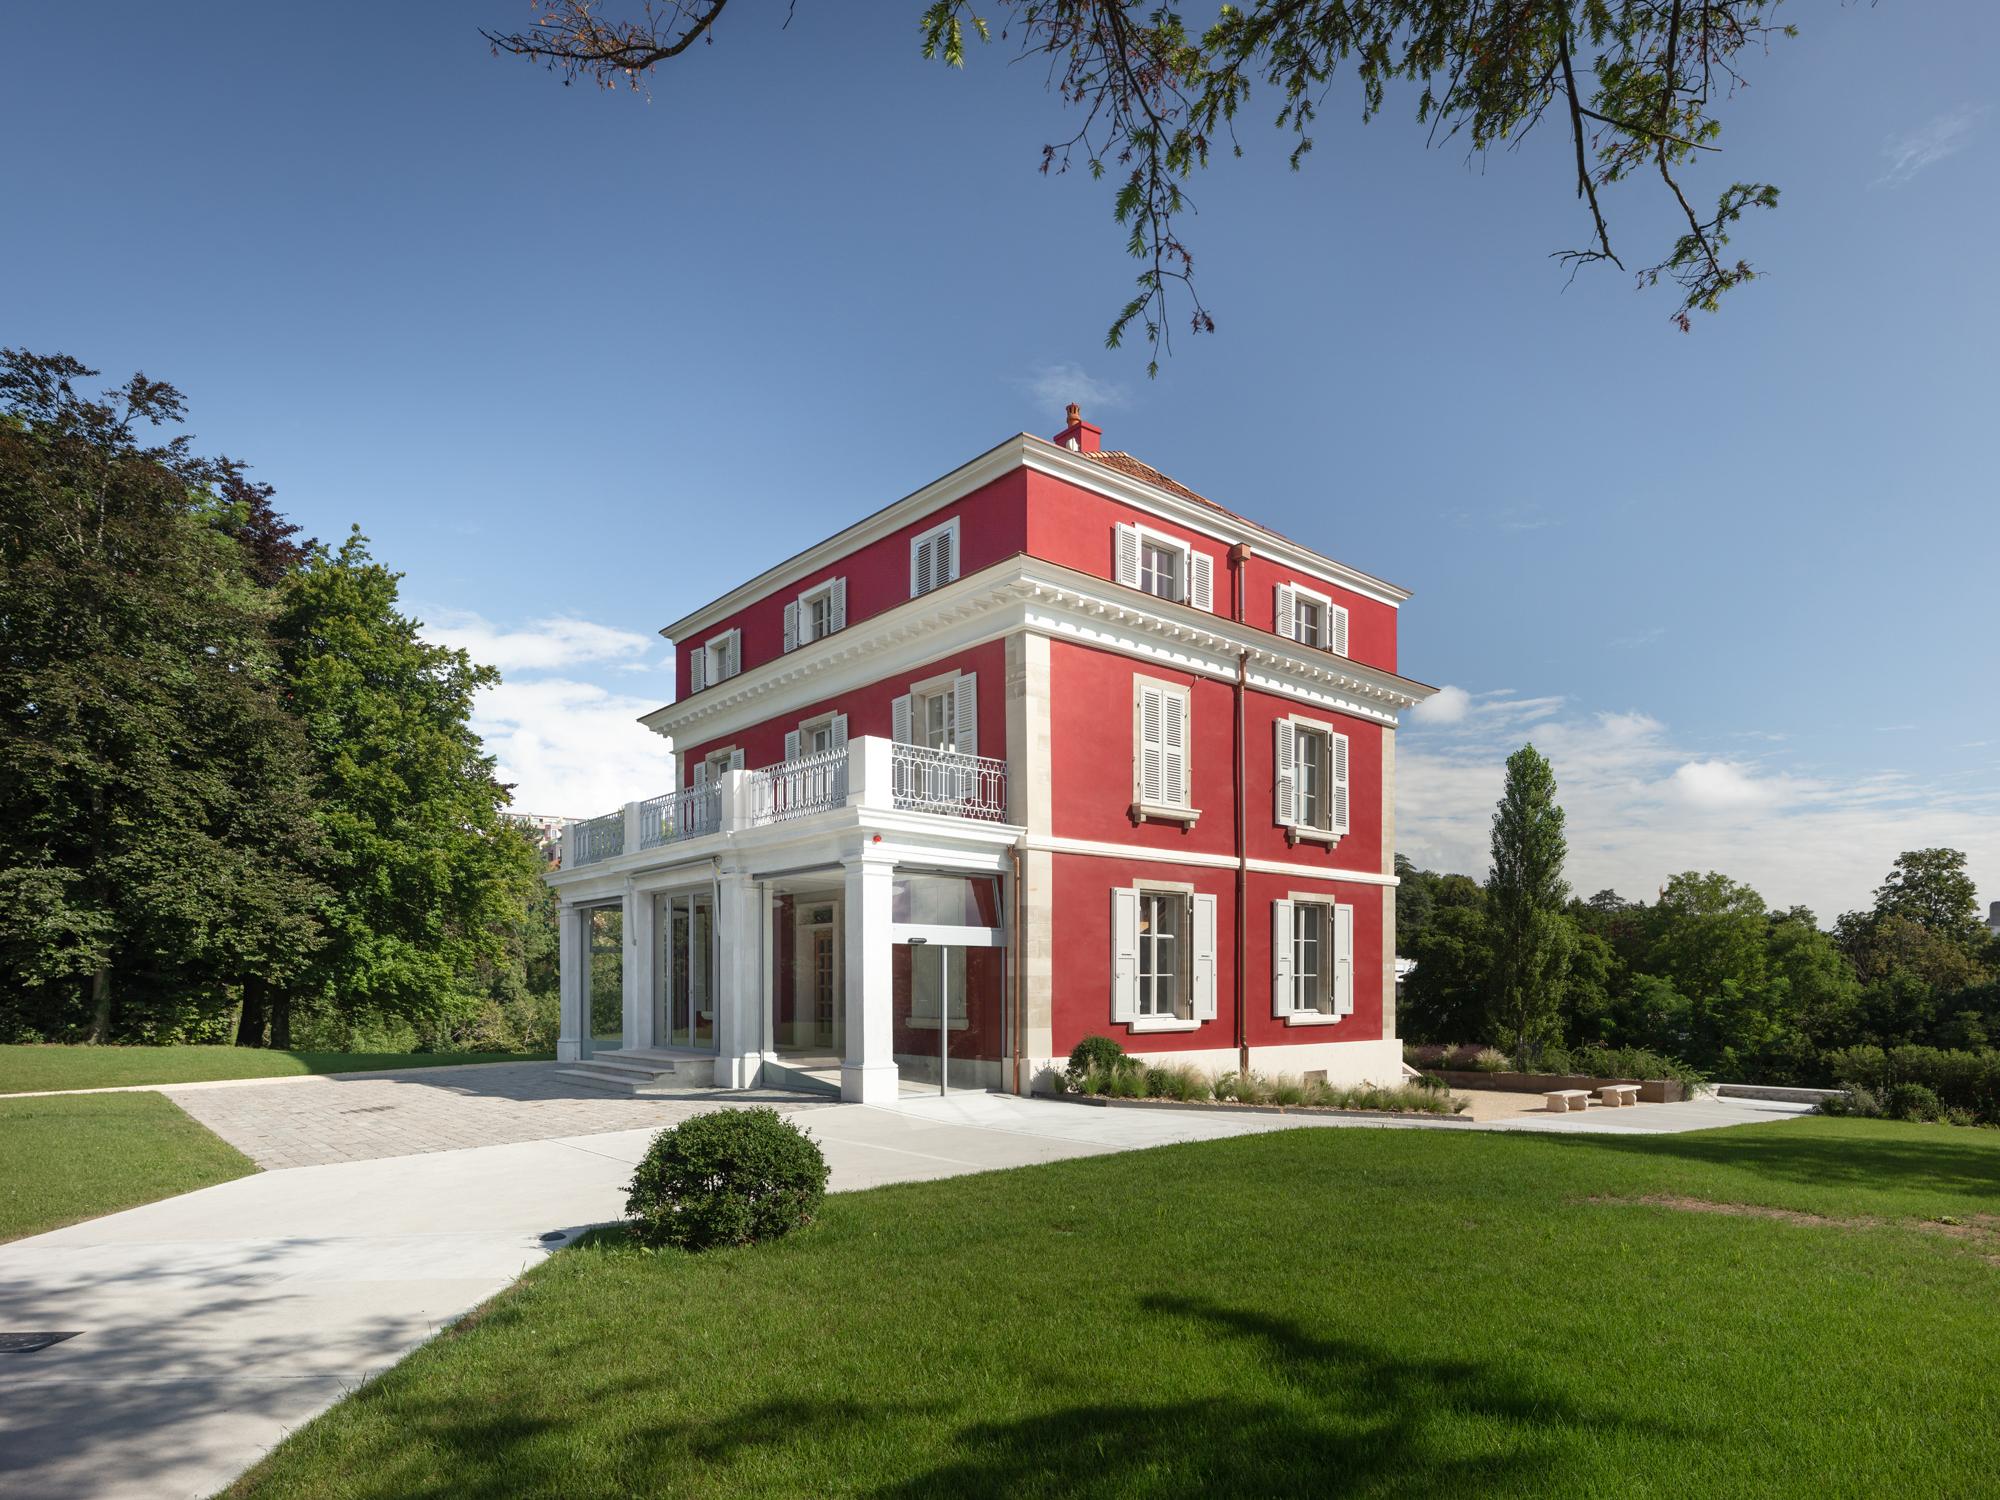 Villa Bernasconi, photo Dylan Perrenoud